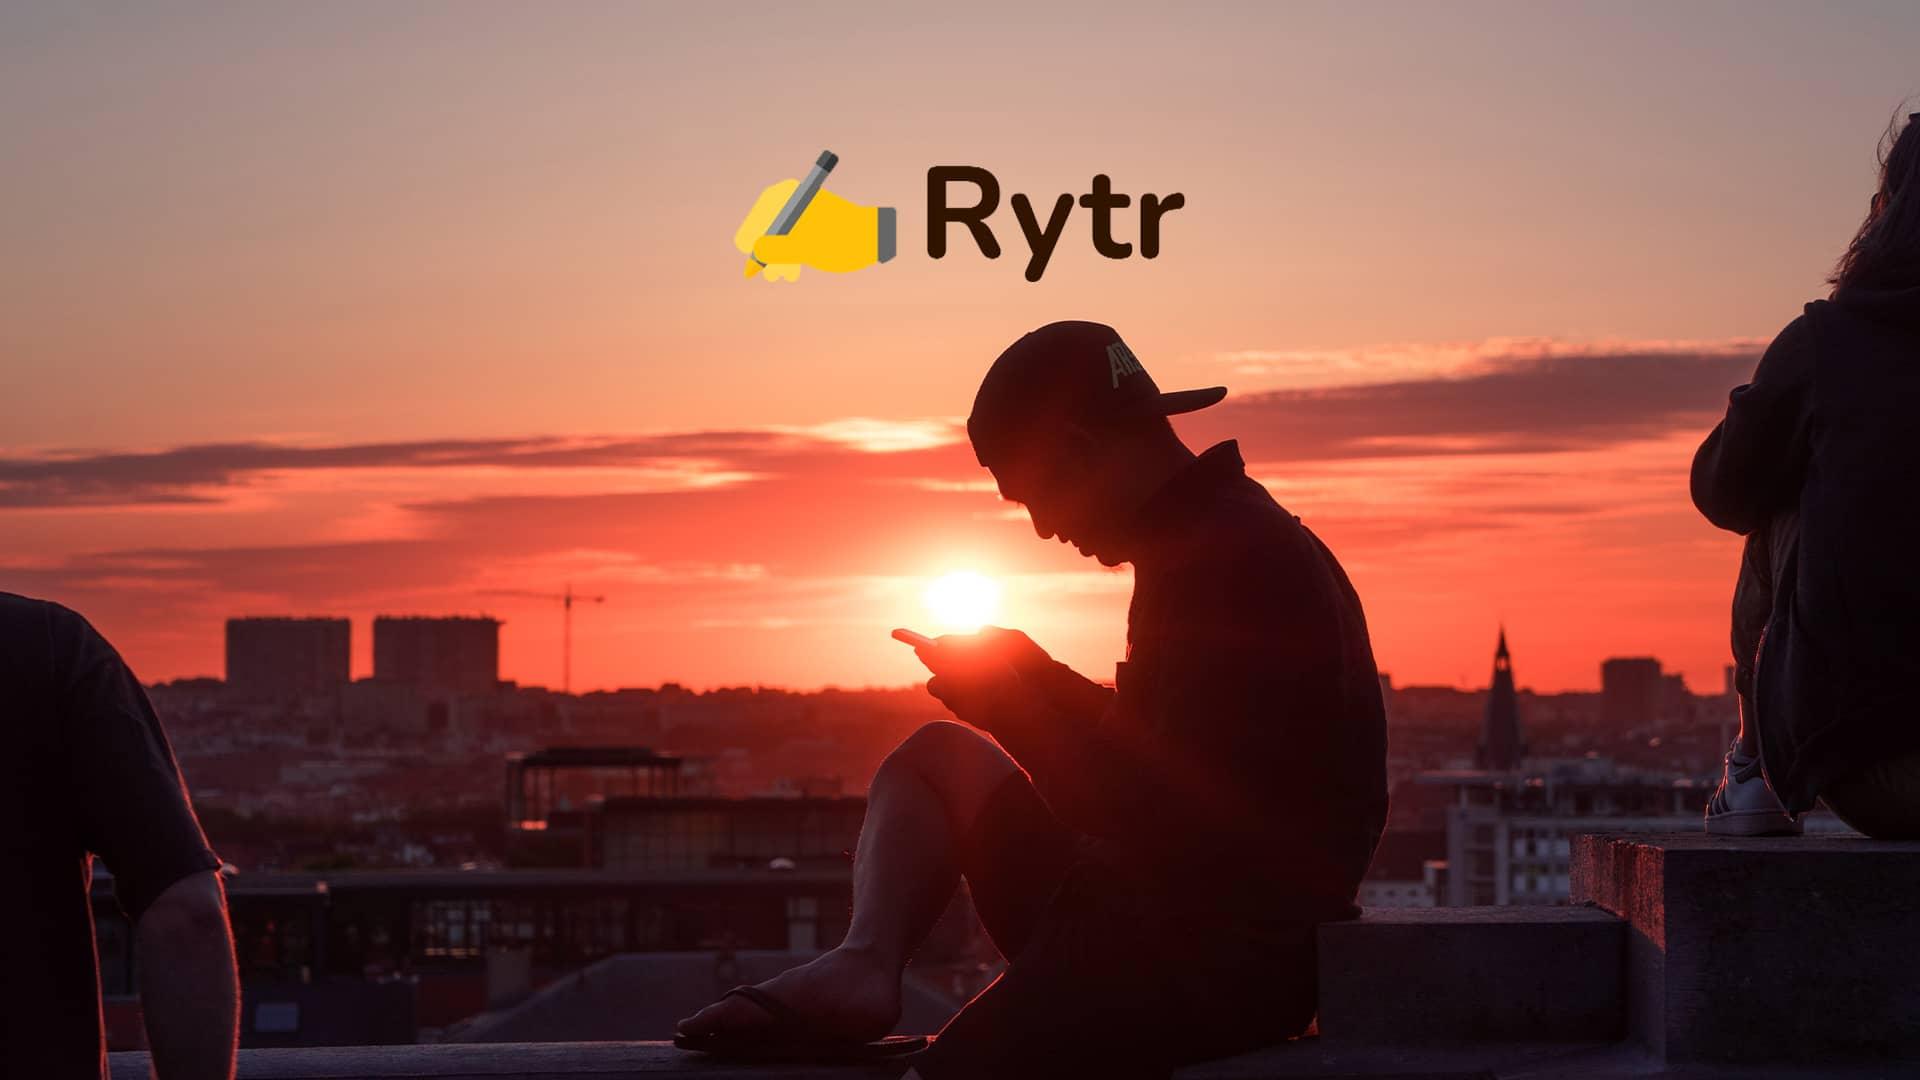 Rytr - Künstliche Intelligenz für Blogbeiträge?